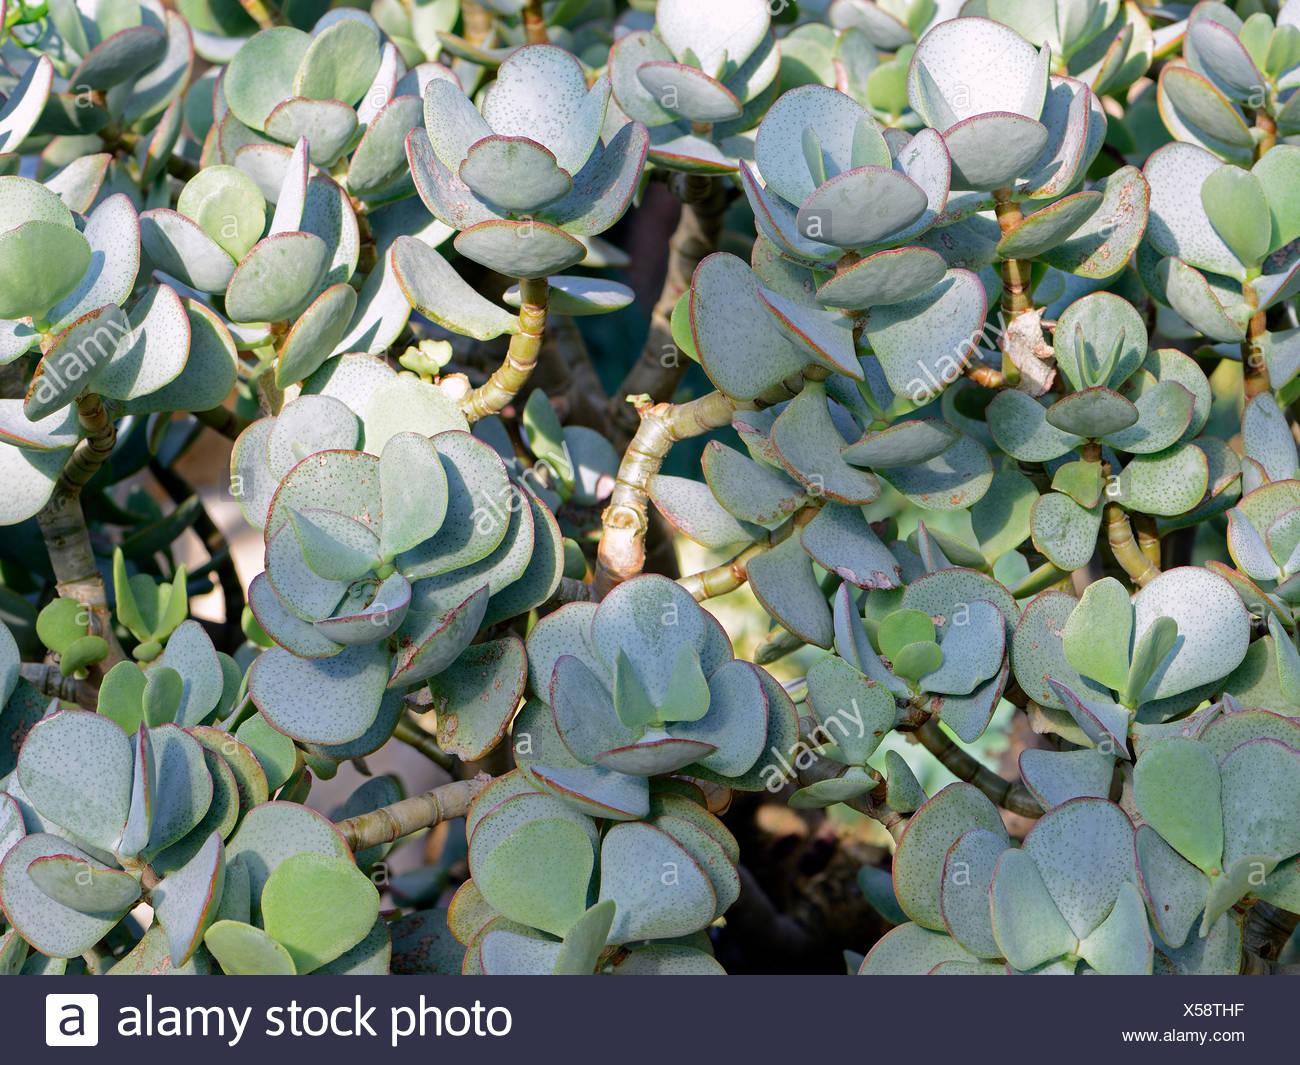 Baumartiges Dickblatt, Crassula arborescens, Suedafrika - Stock Image